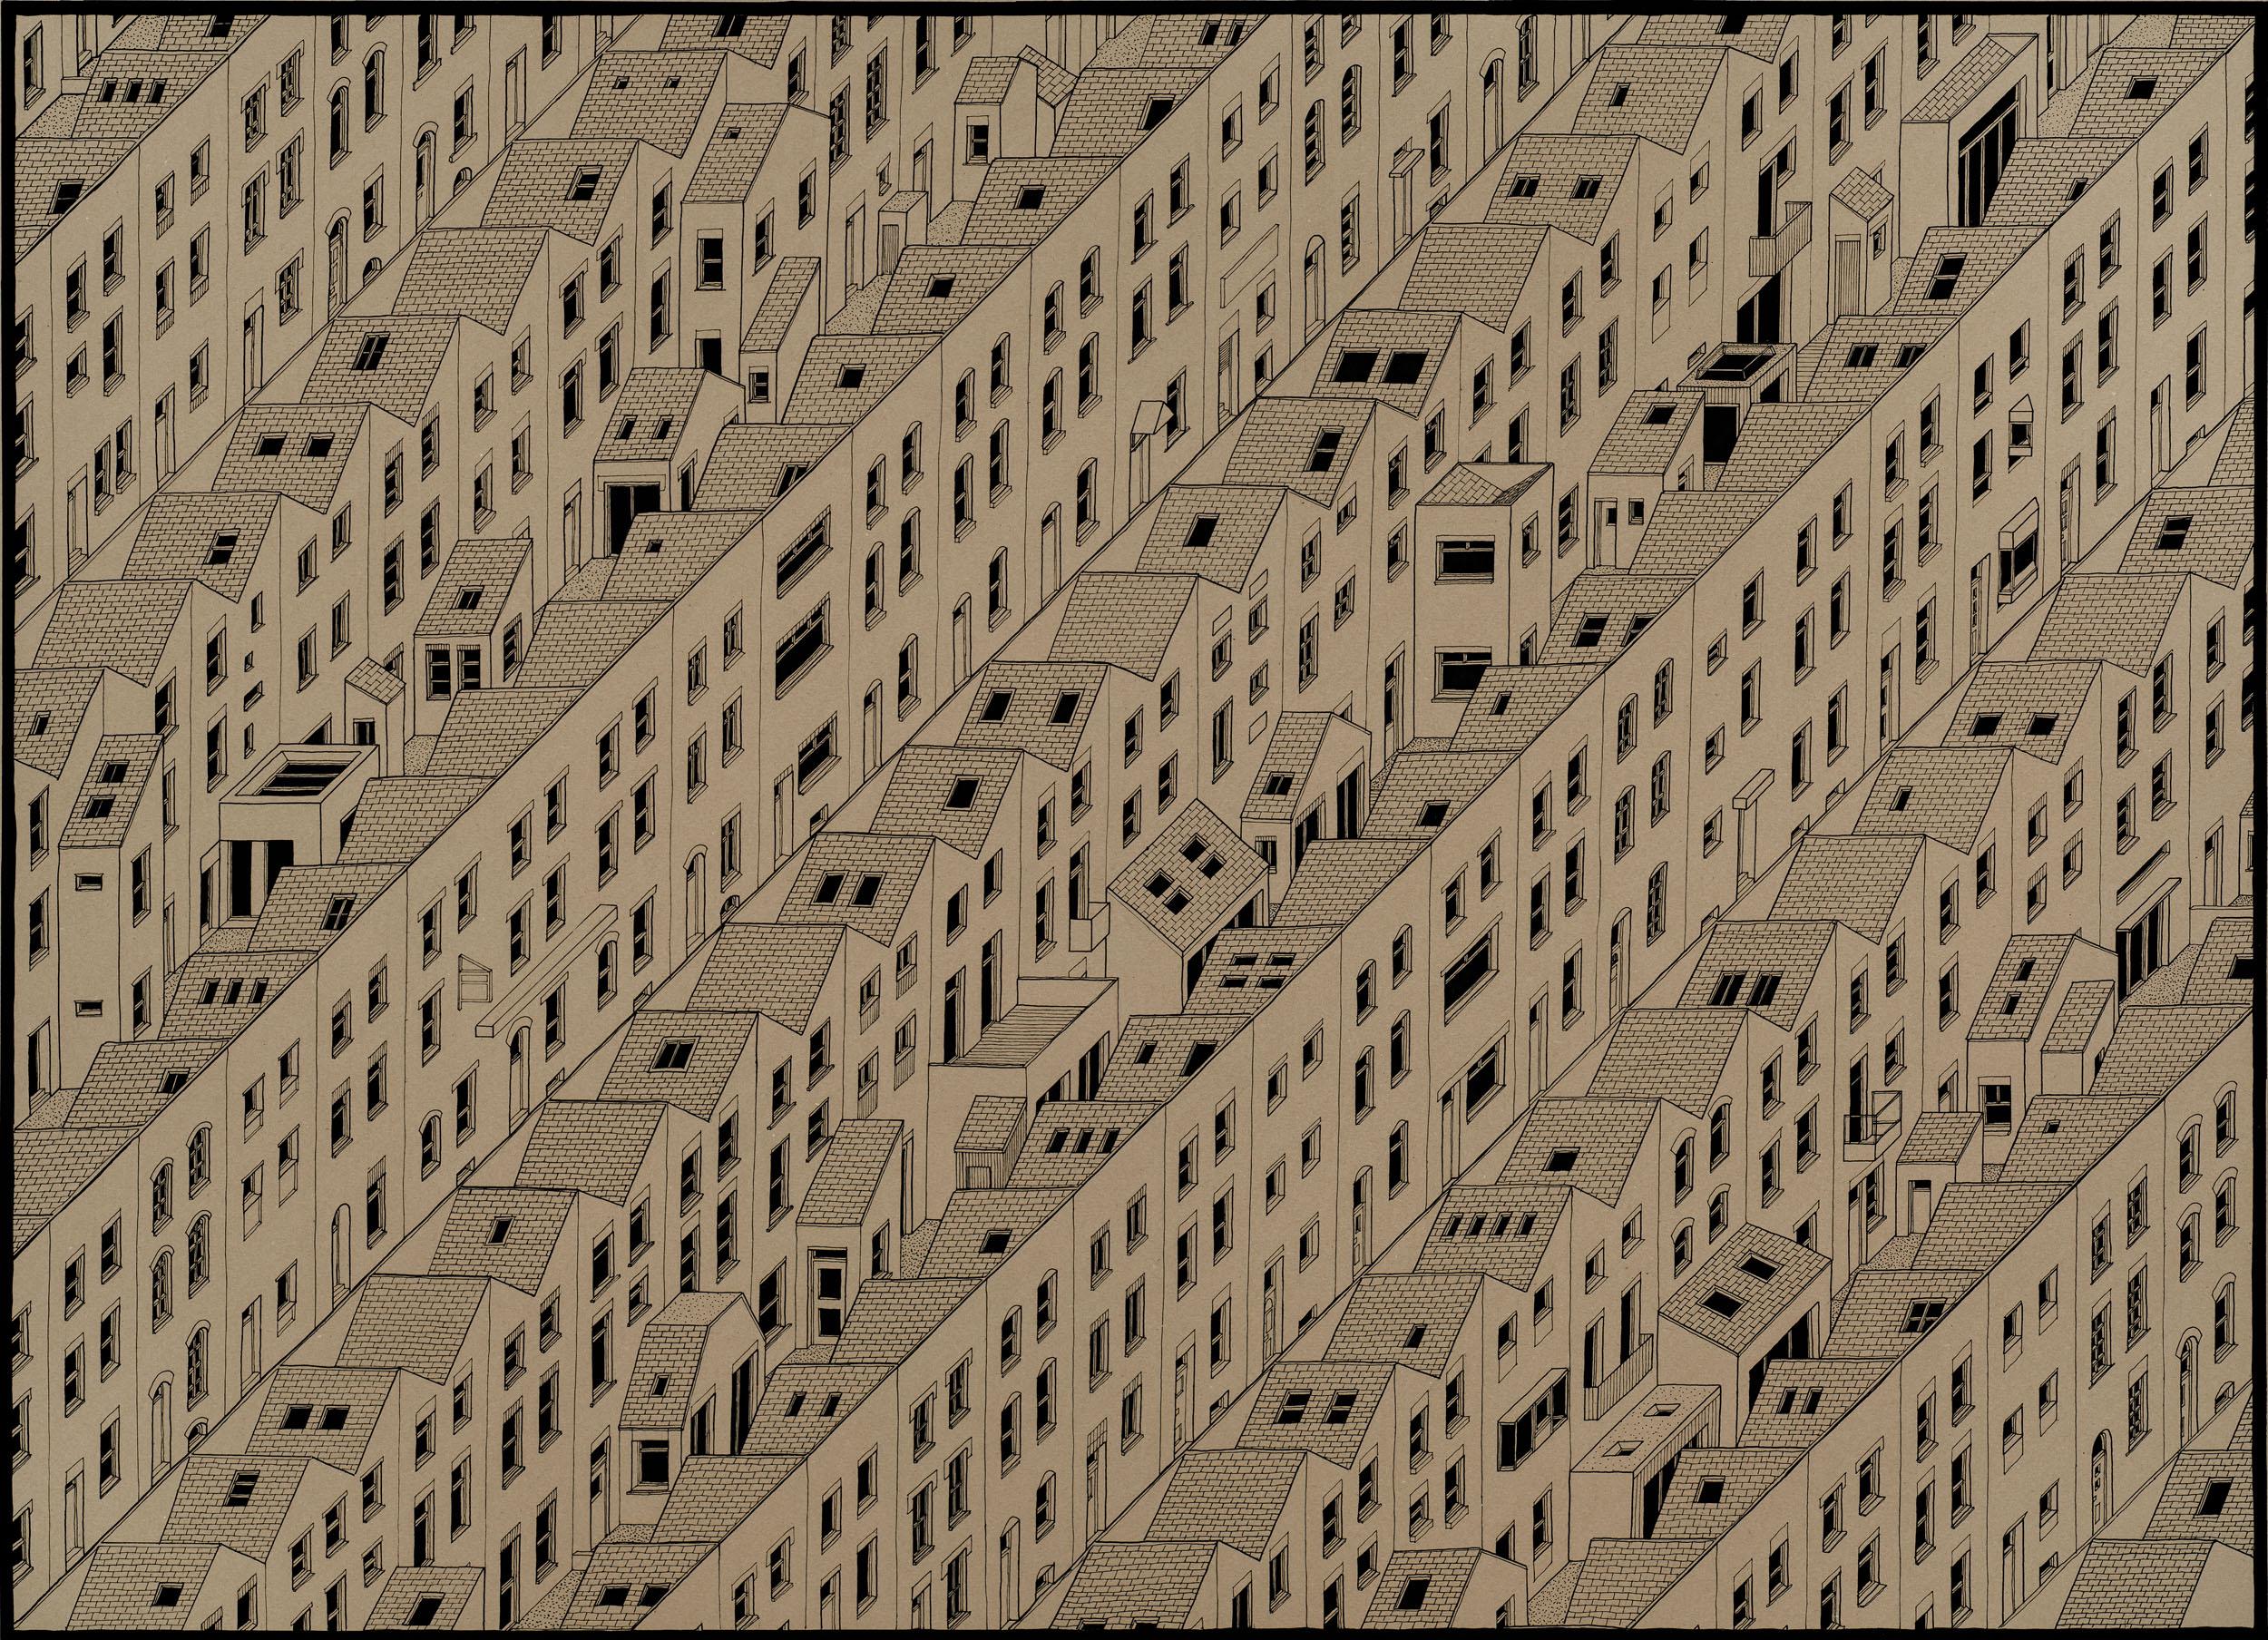 Julian Bovis_100 Bristol Houses_2015.jpg